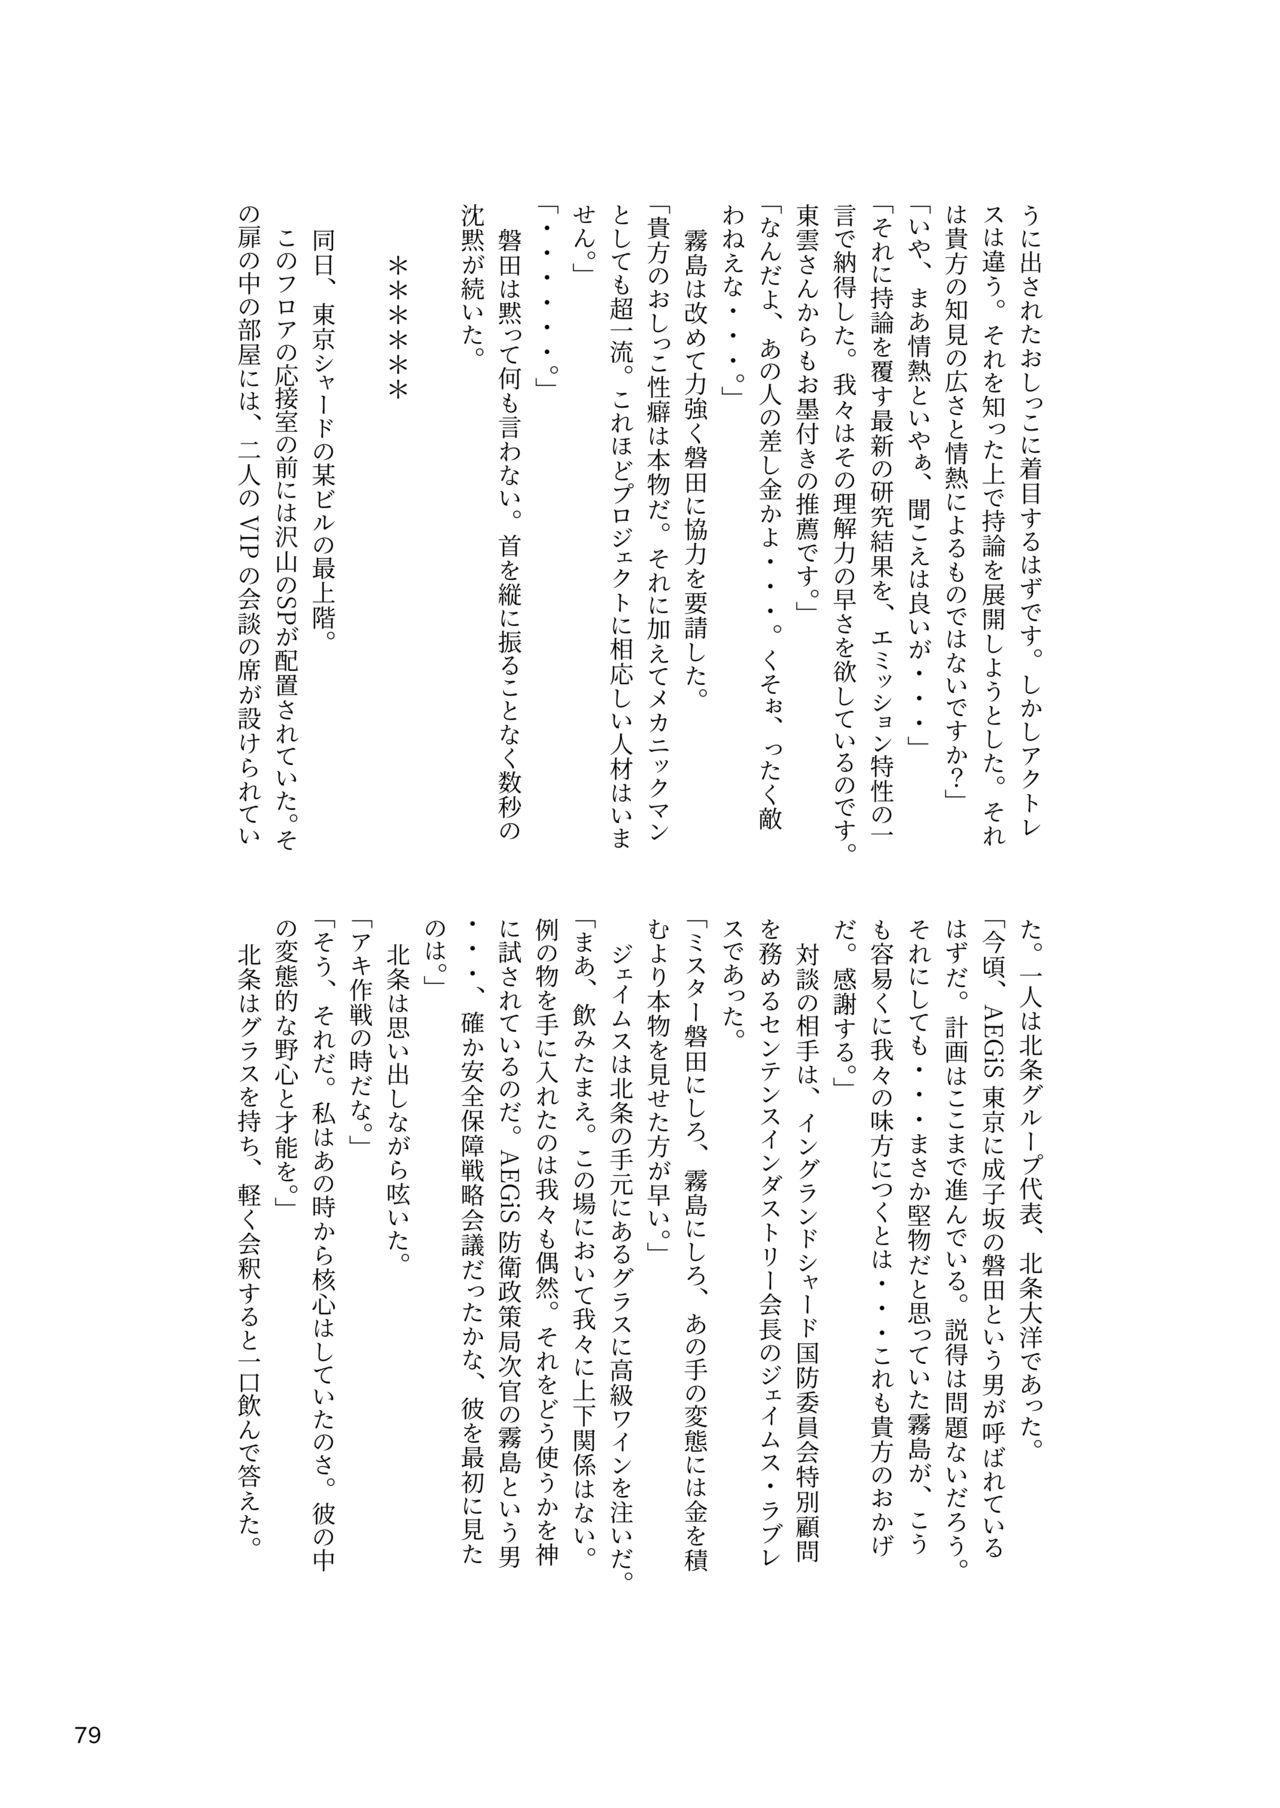 ア○スギア総合スカトロアンソロジー アクトレス排泄実態調査任務~スカポためるっすか!?~ 78